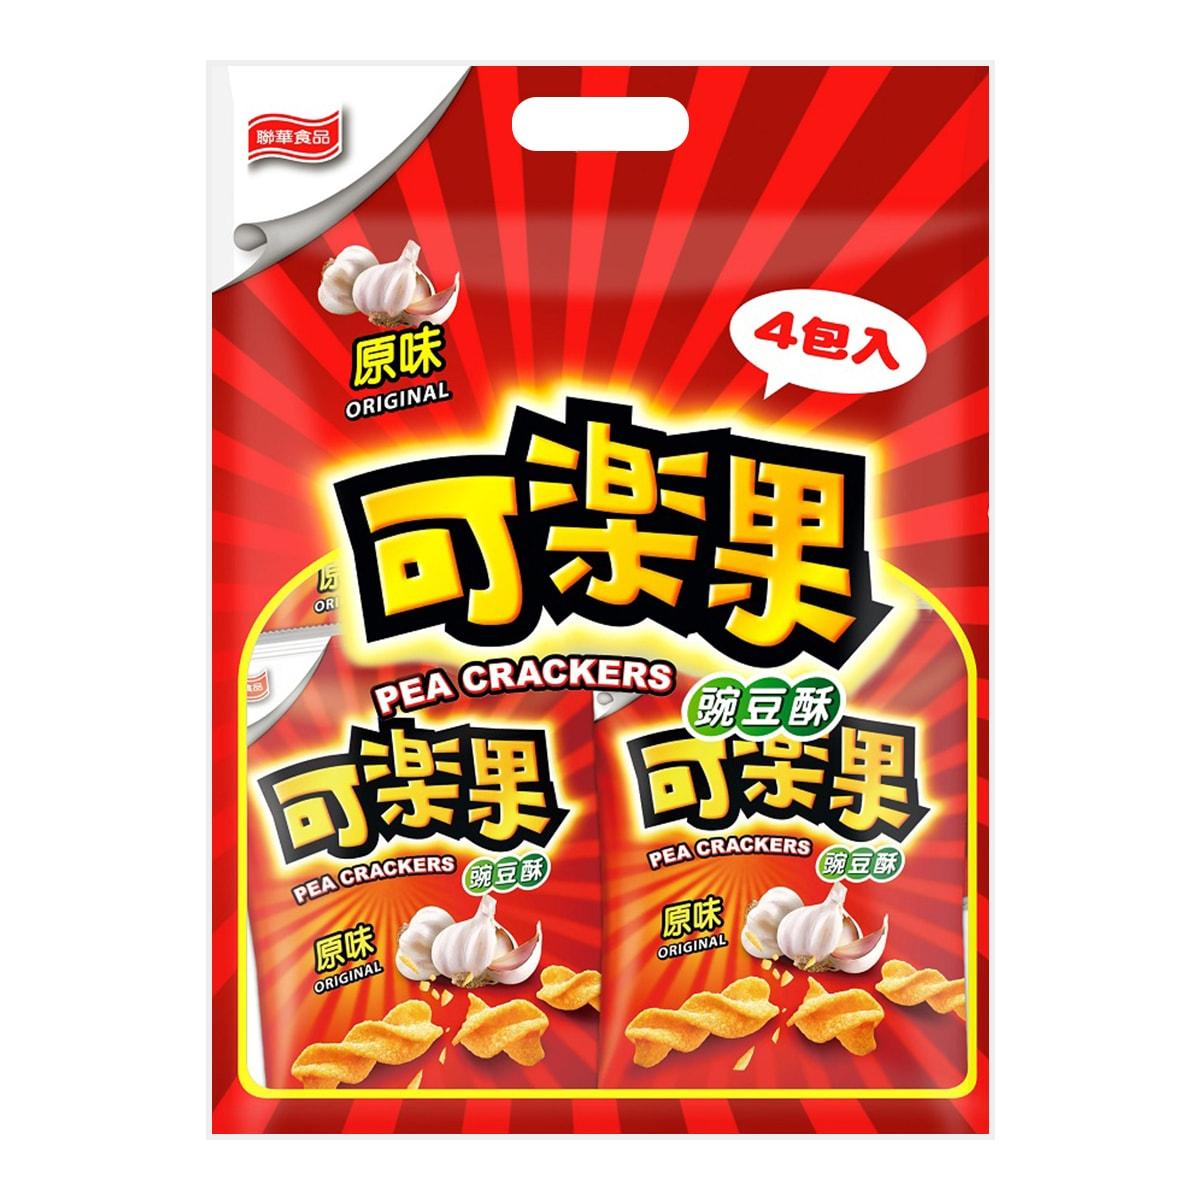 台湾LIANHWA联华食品 可乐果 豌豆酥 原味 4包入 228g